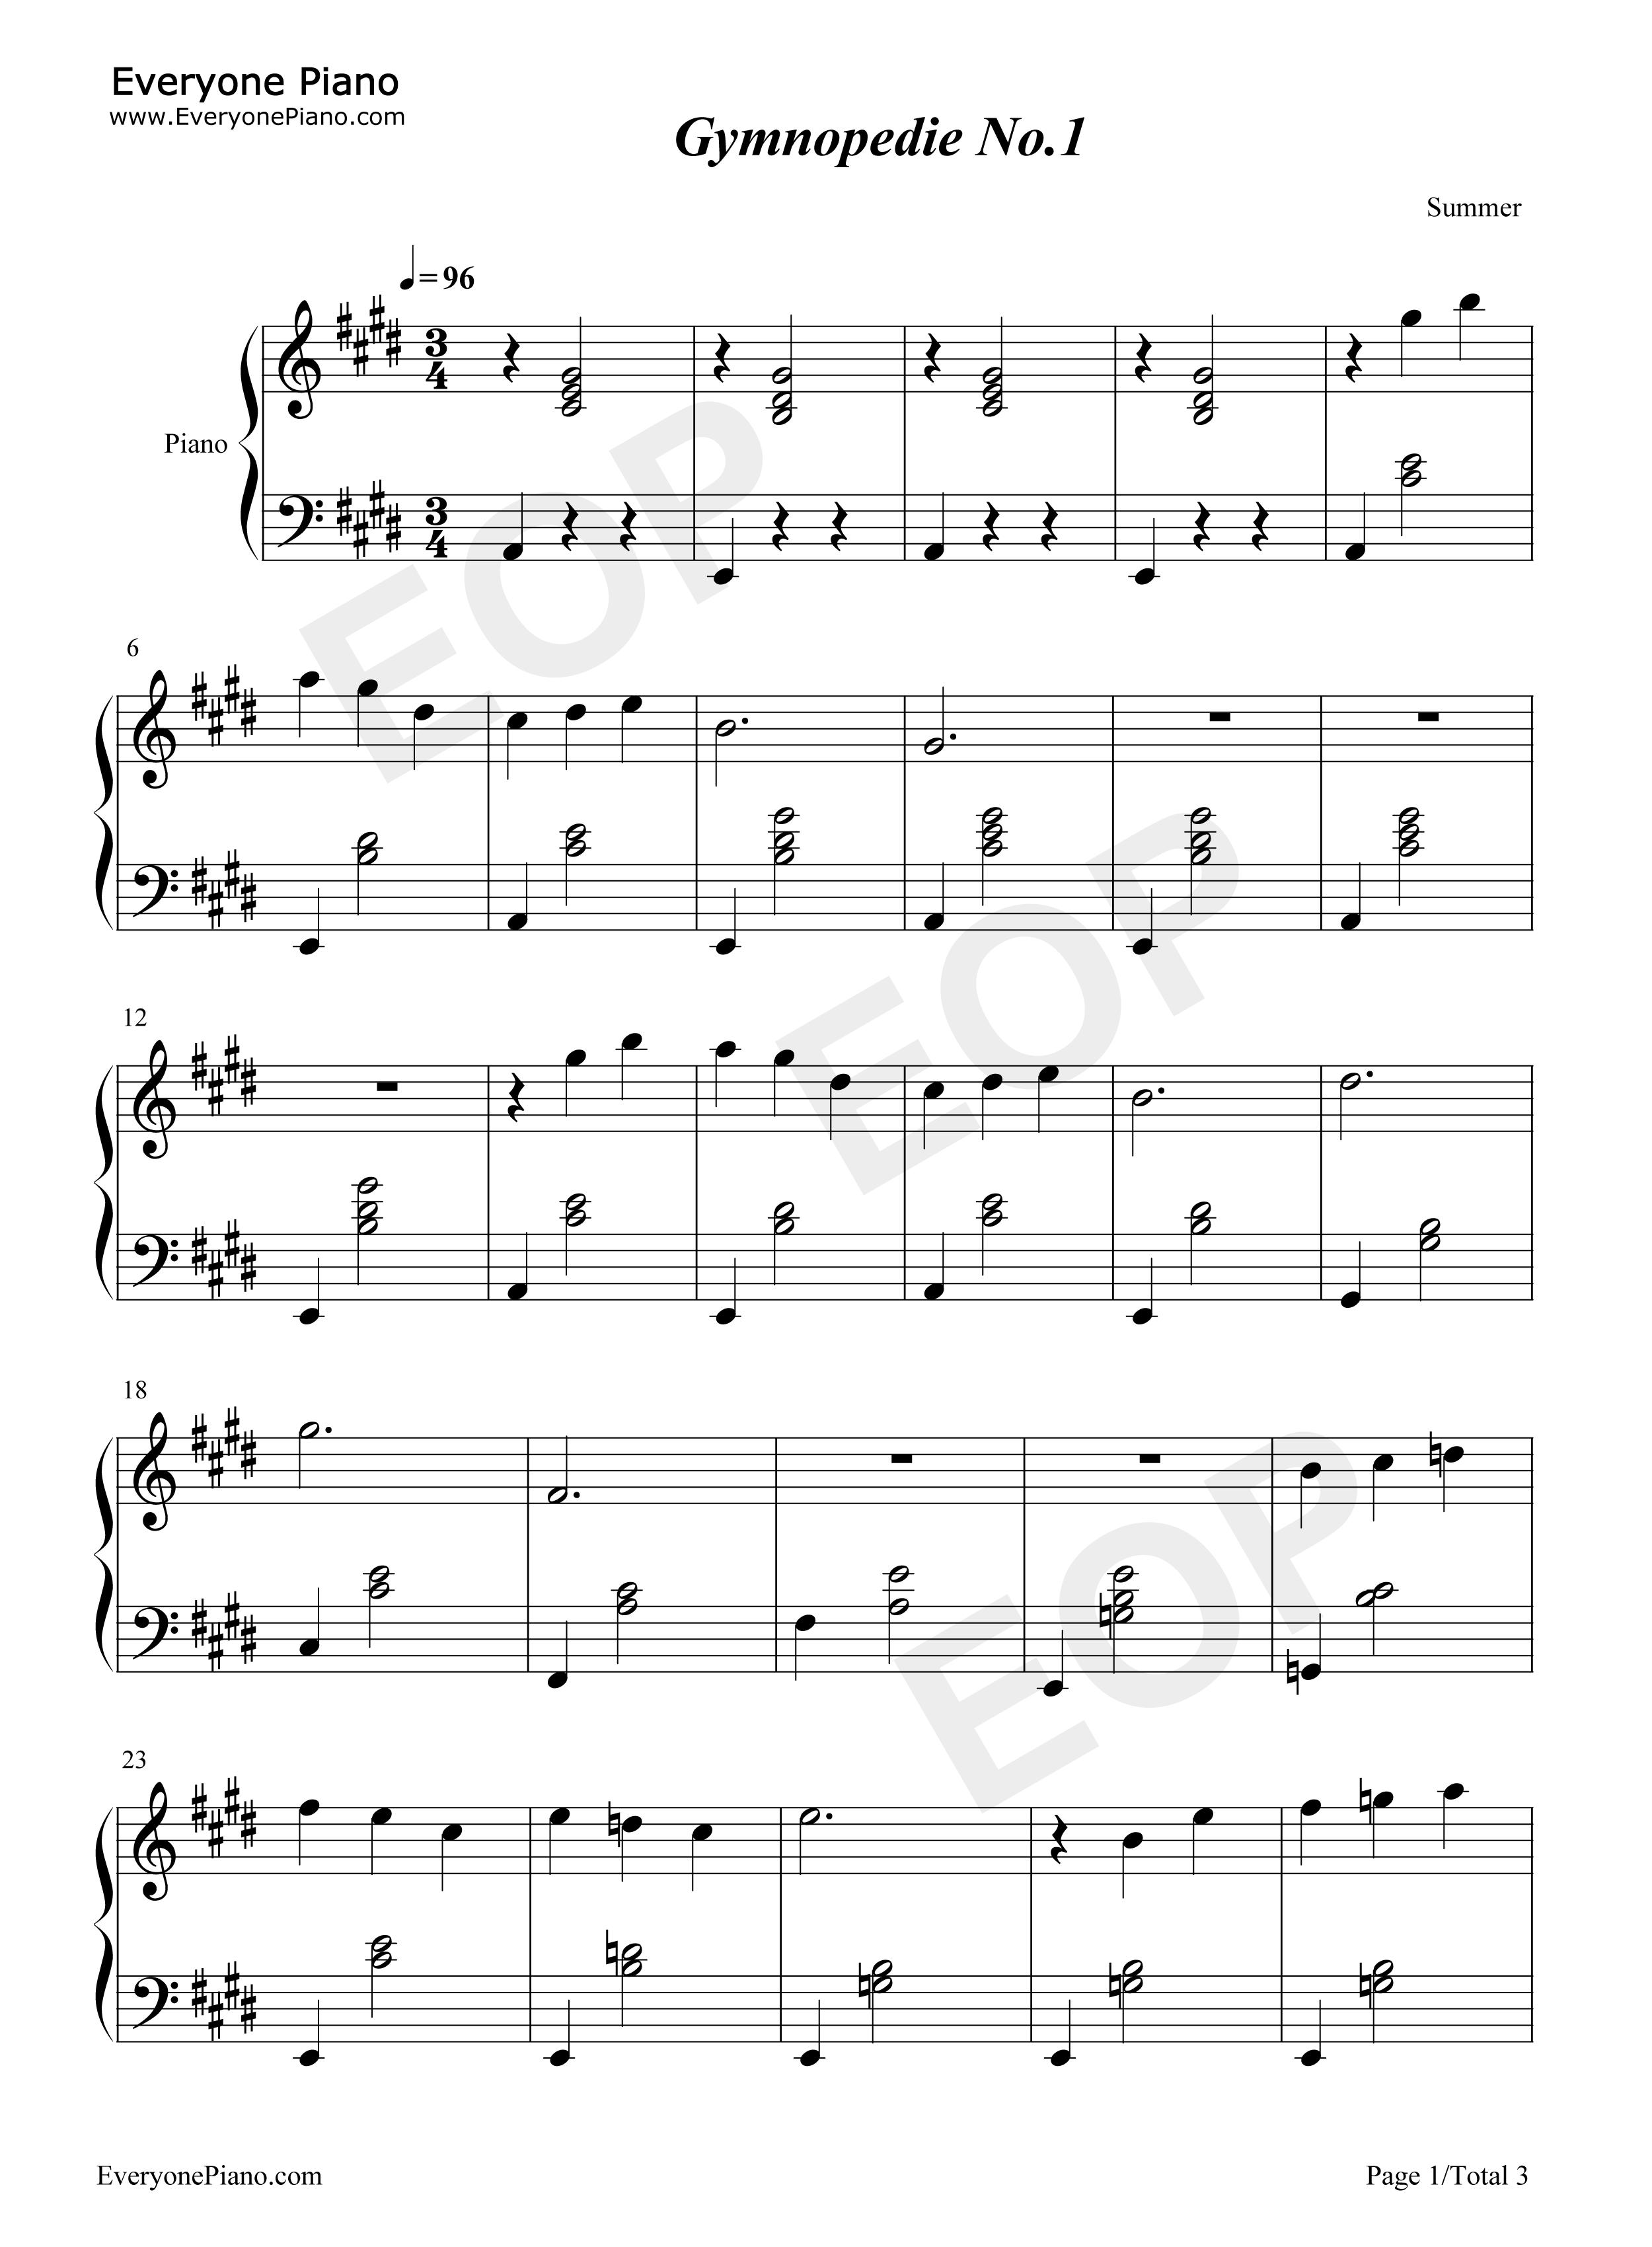 钢琴曲轻音乐谱-Gymnopedie No1.-Erik Satie五线谱预览